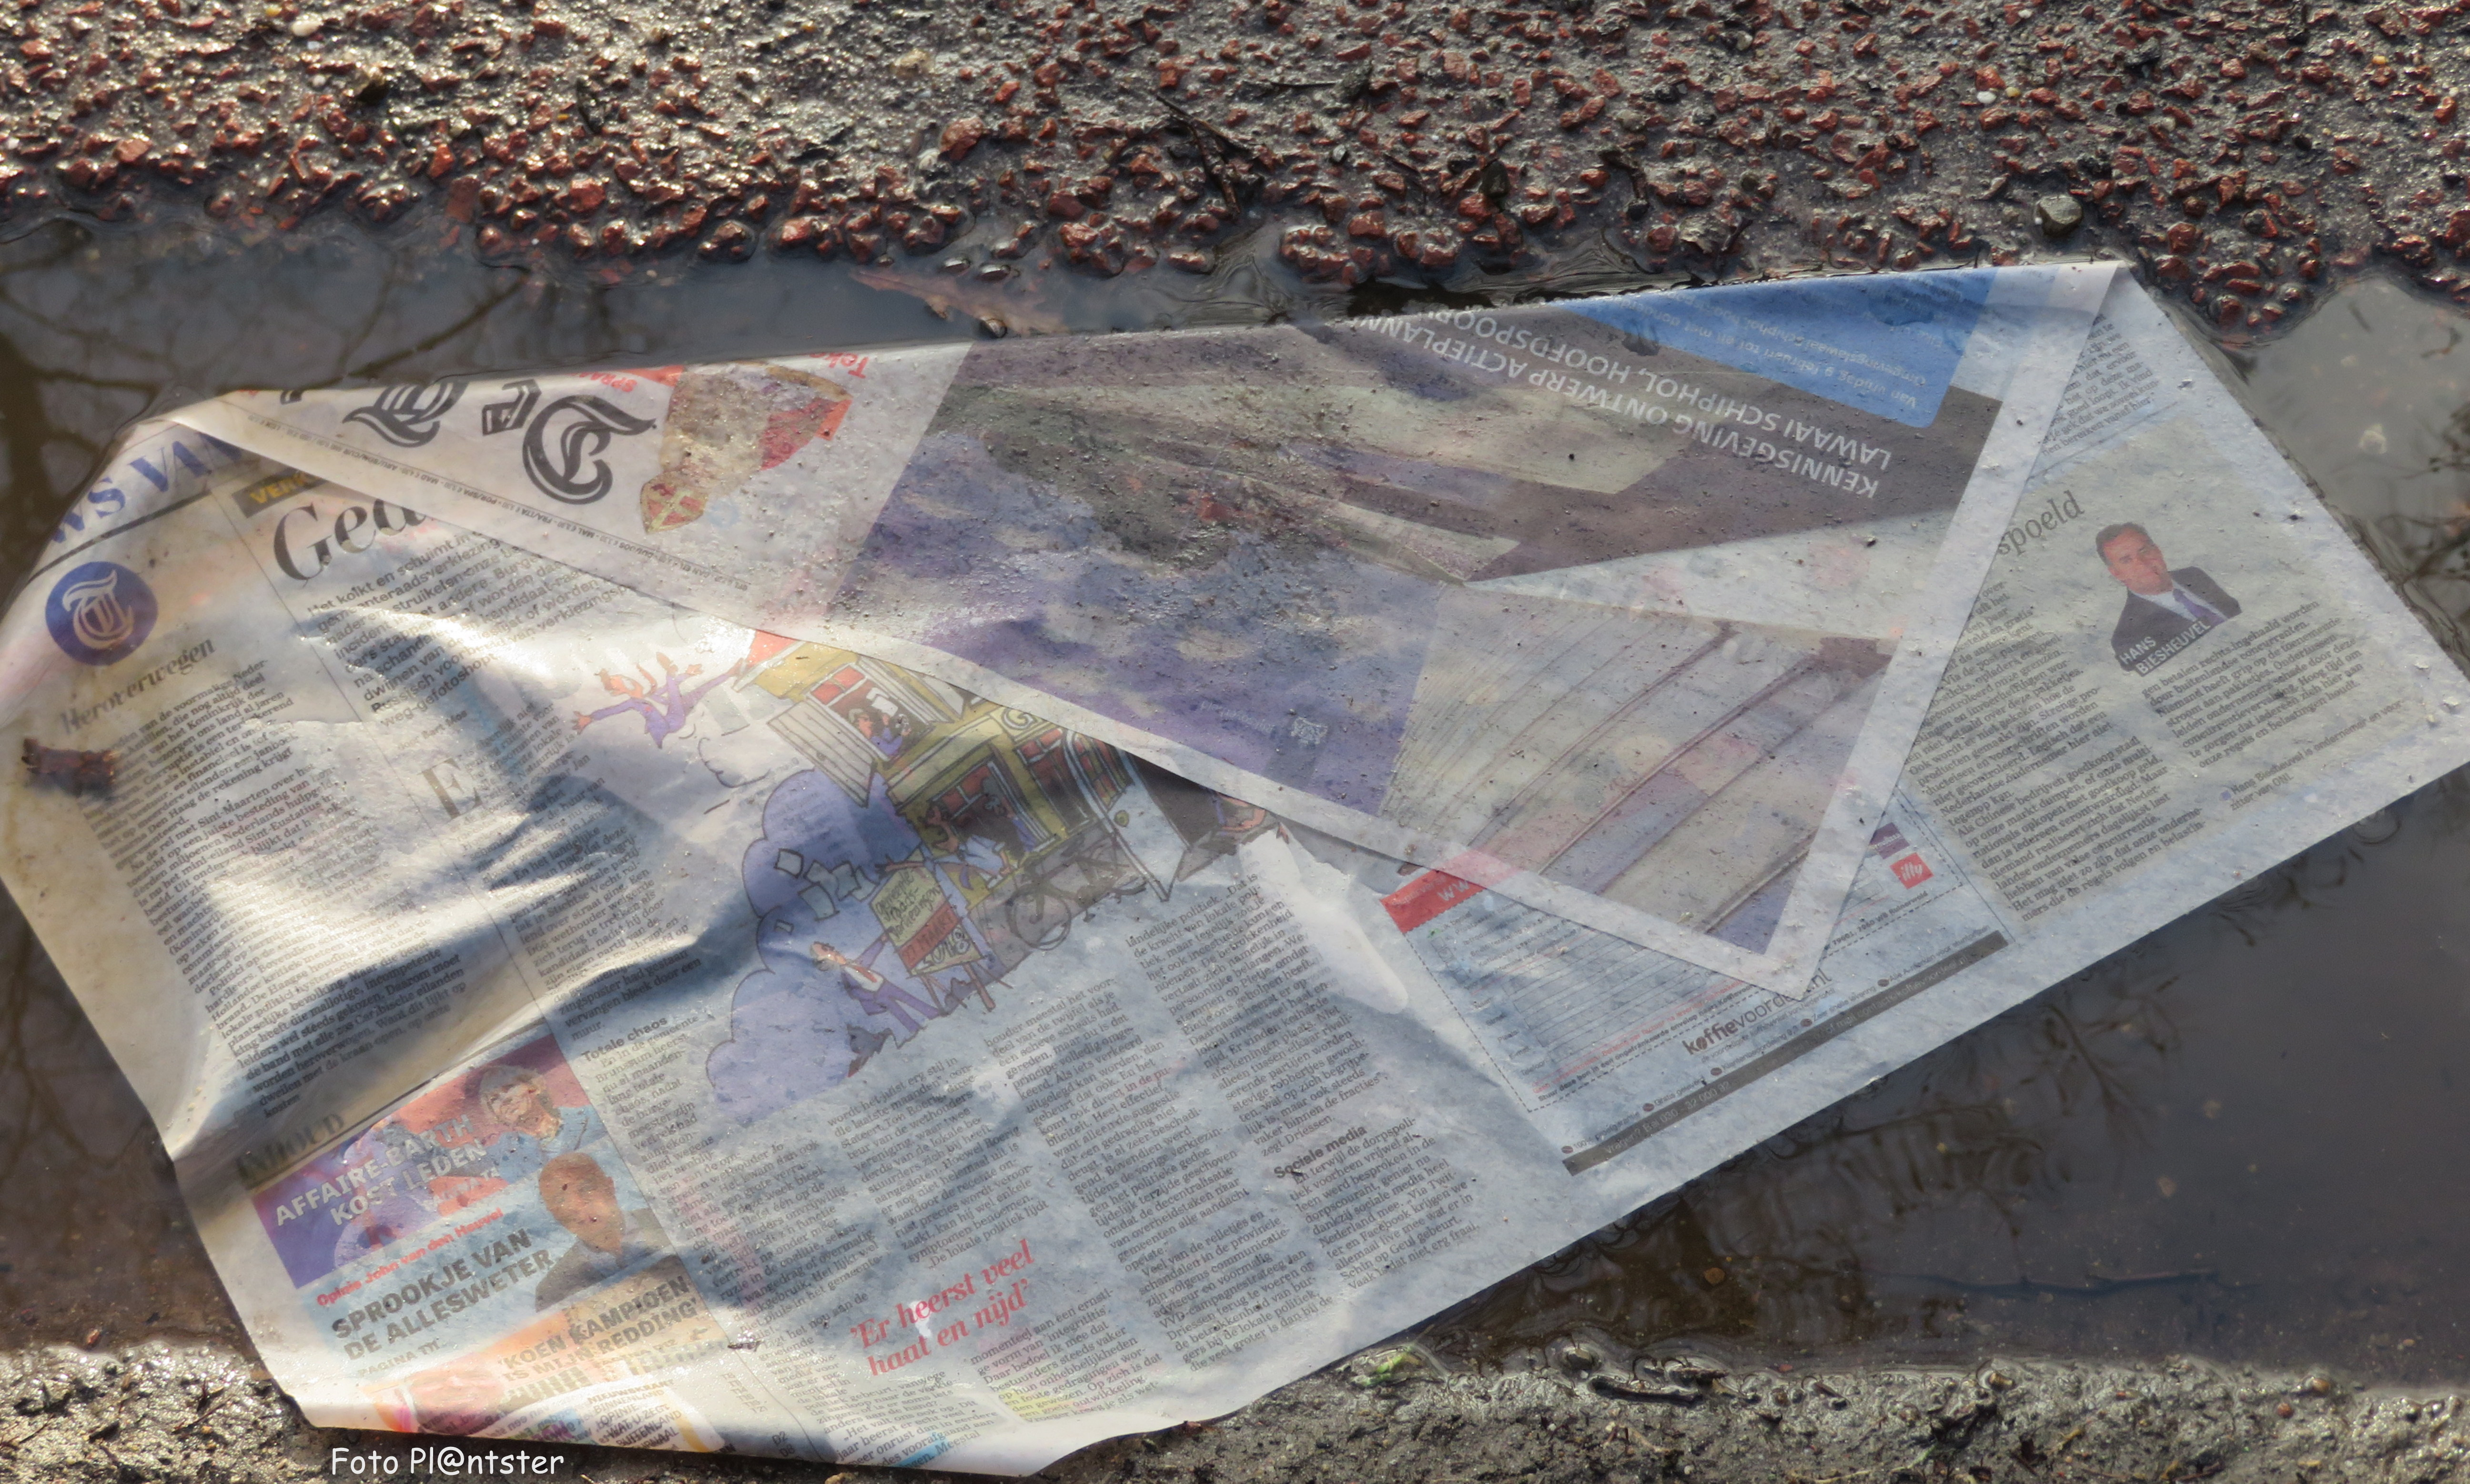 img_5922-kopie De krant op straat